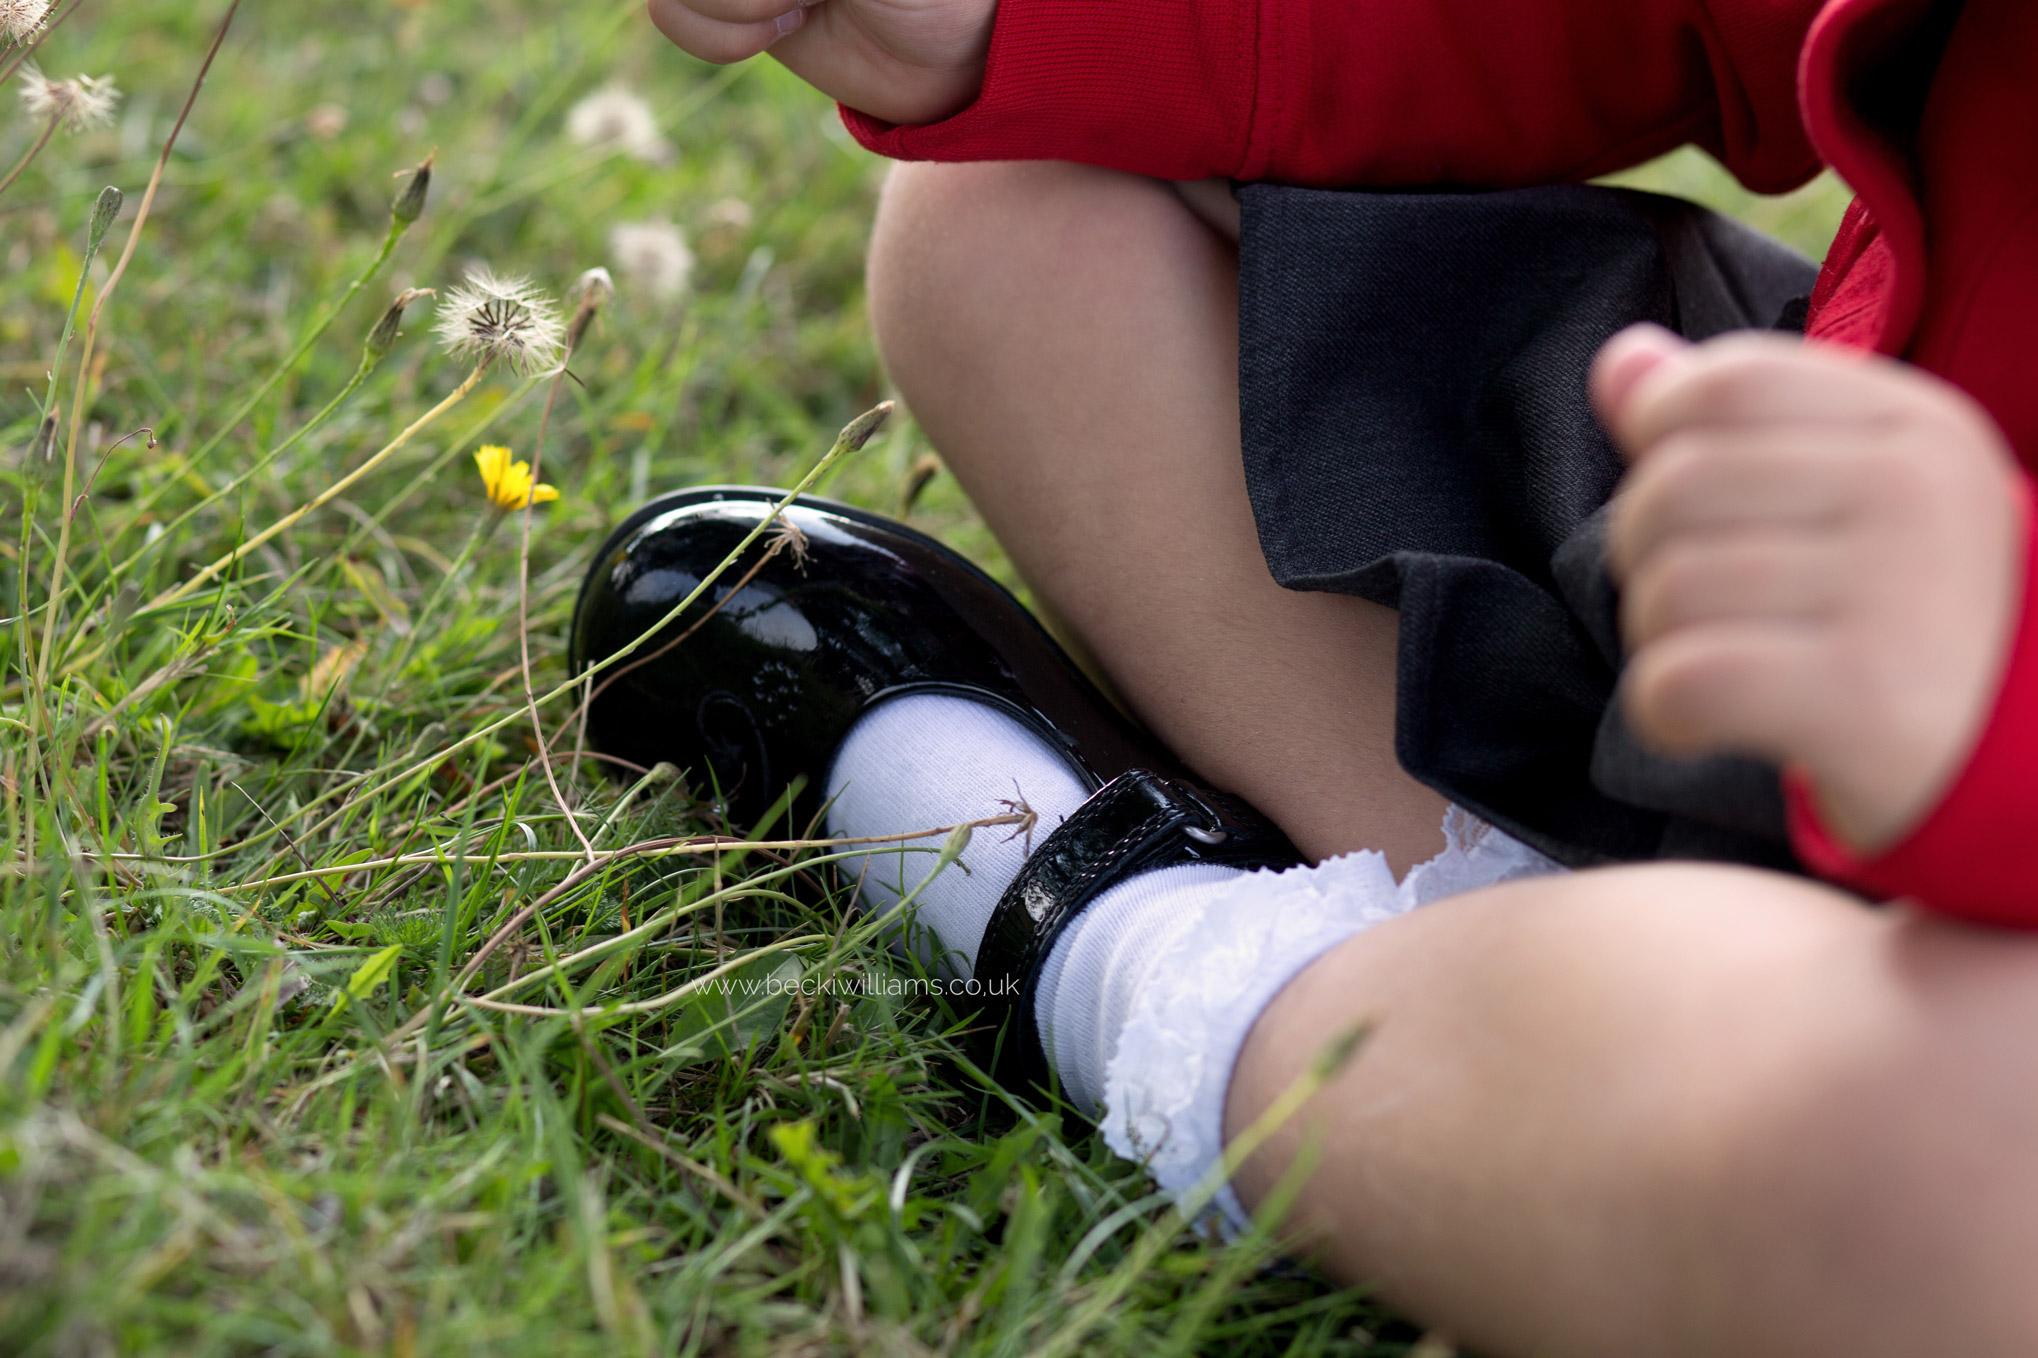 school-photos-in-Hertfordshire-7.jpg